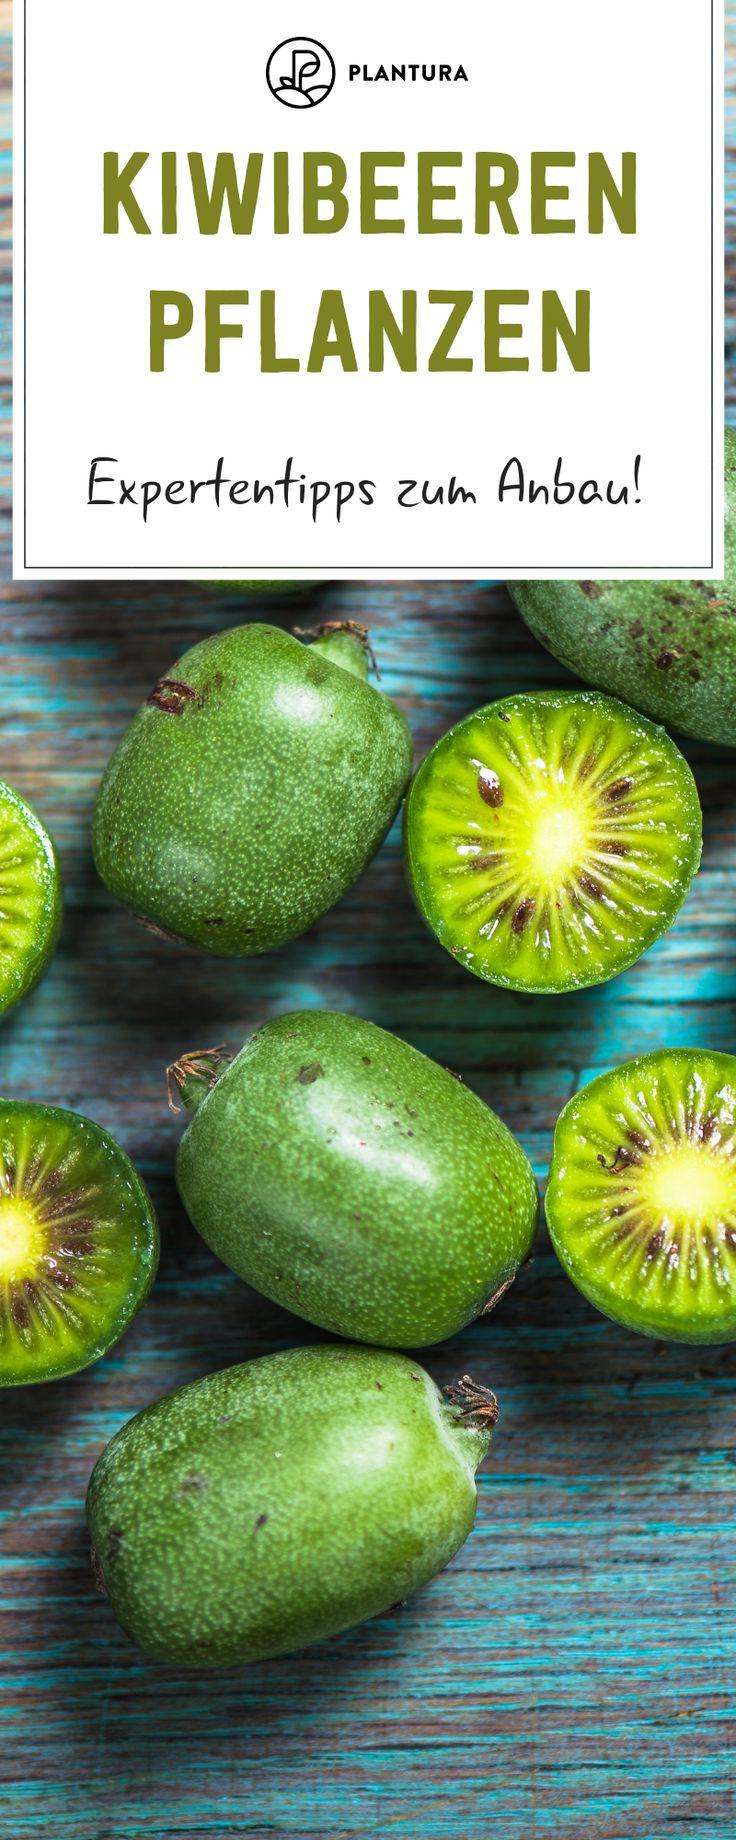 Kiwibeeren pflanzen: Experten-Tipps zum Anbau von Mini-Kiwis – Plantura Artikel